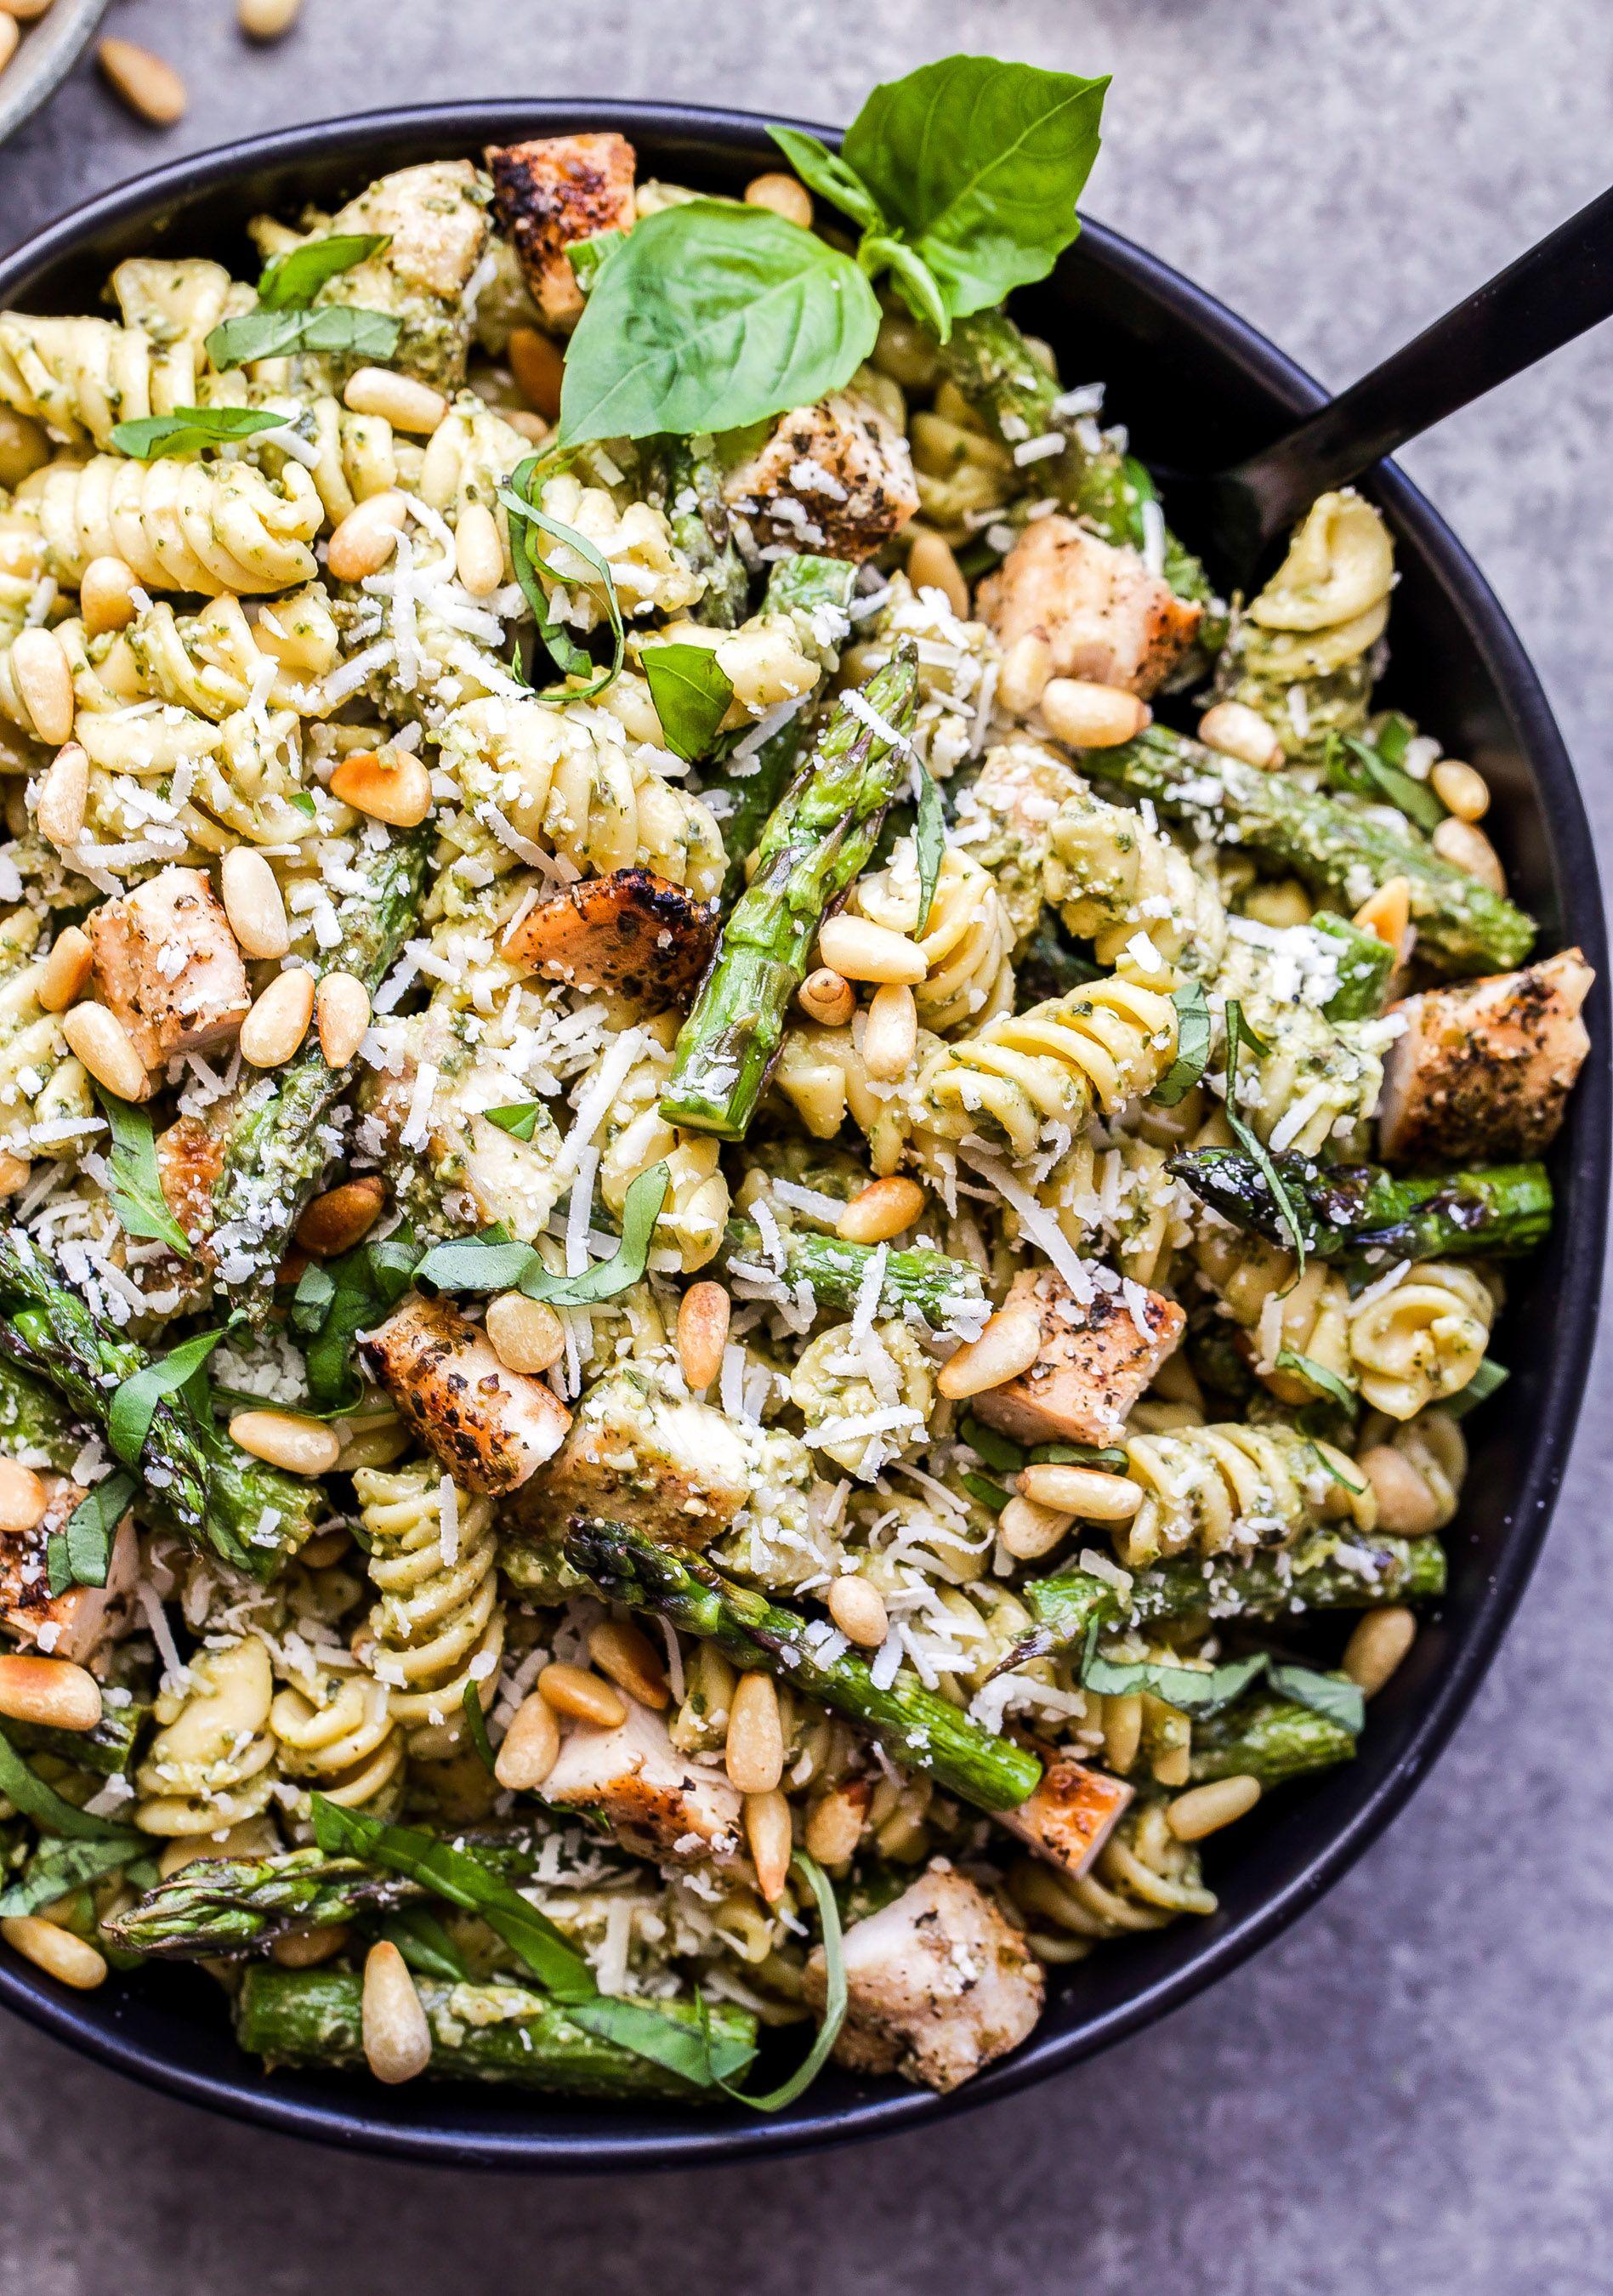 40 Healthy Pasta Recipes Light Pasta Dinner Ideas